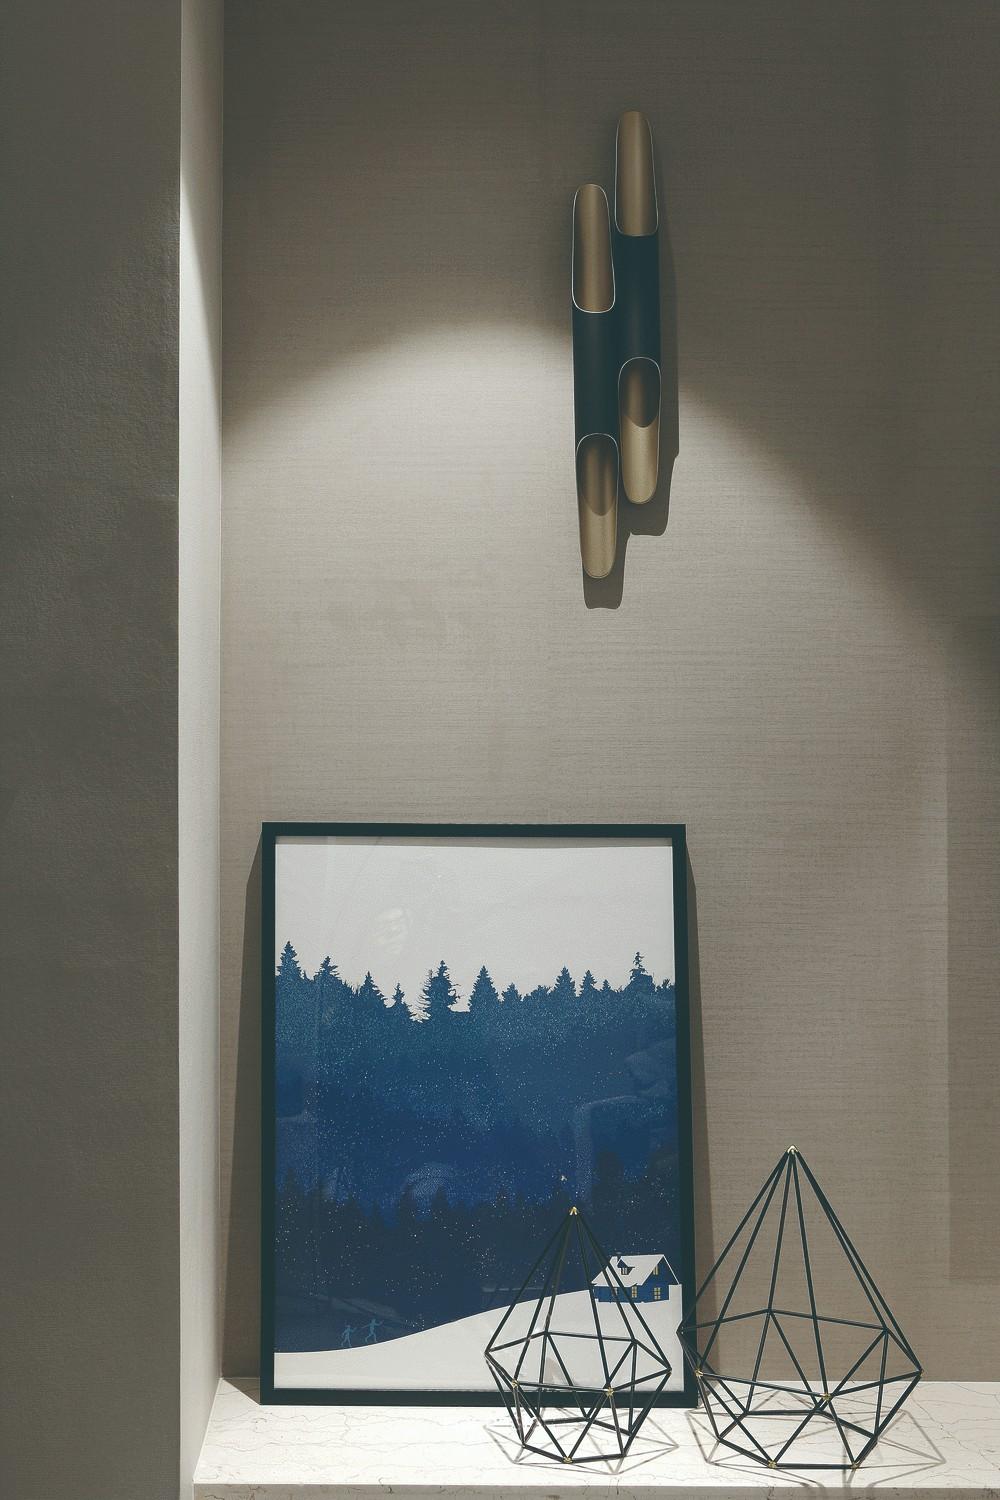 北歐風格兩居室,一種寧靜中的愜意11196979